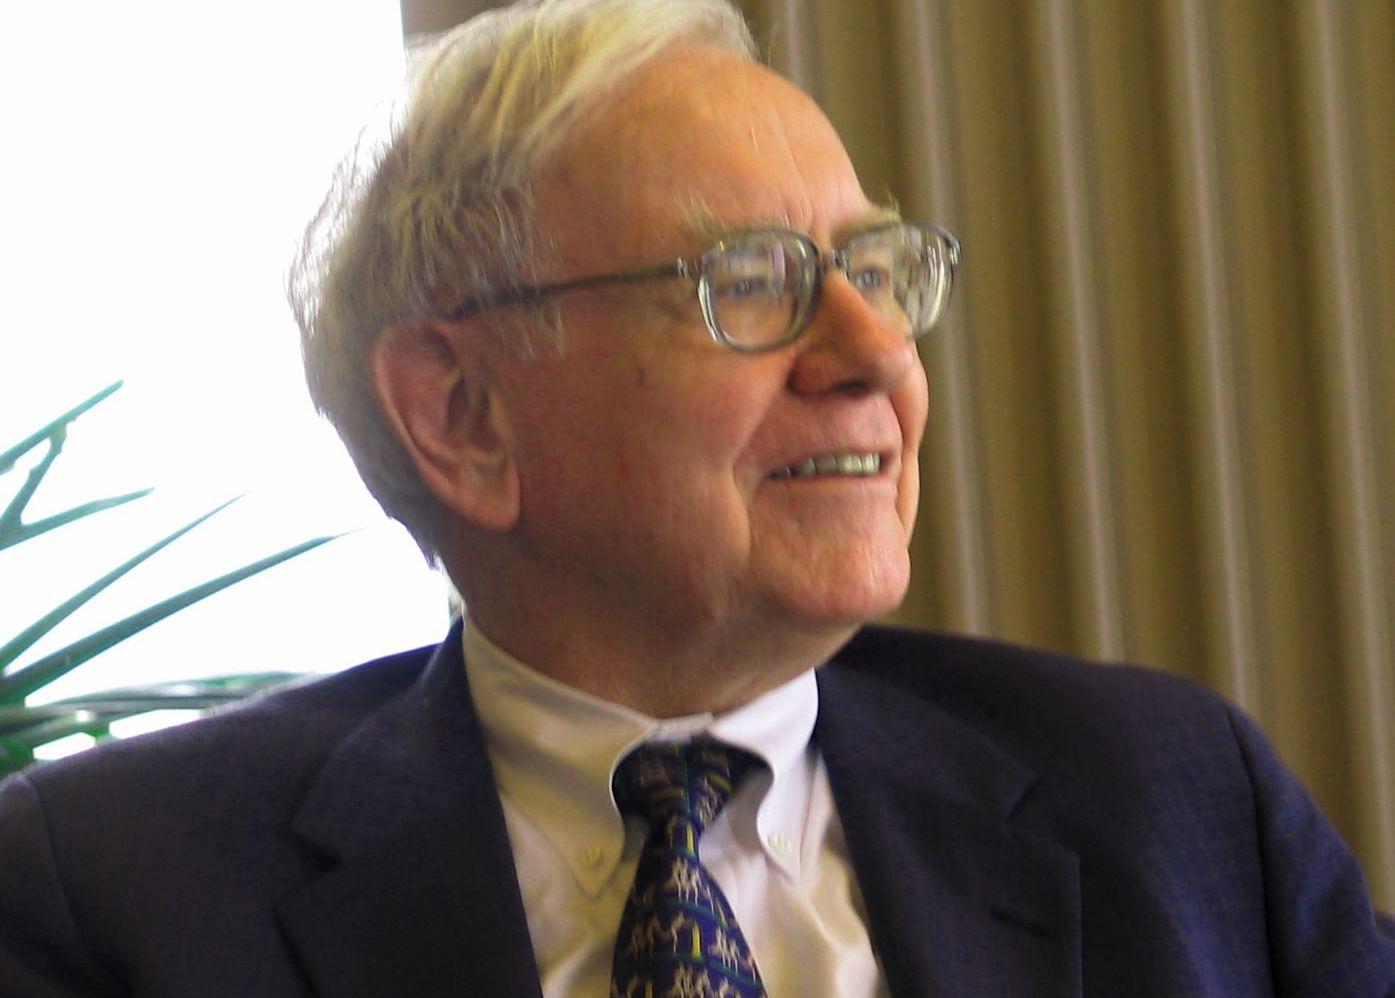 20-Slot Rule: El mega secreto de Warren Buffett que podría hacerte increíblemente rico y exitoso.